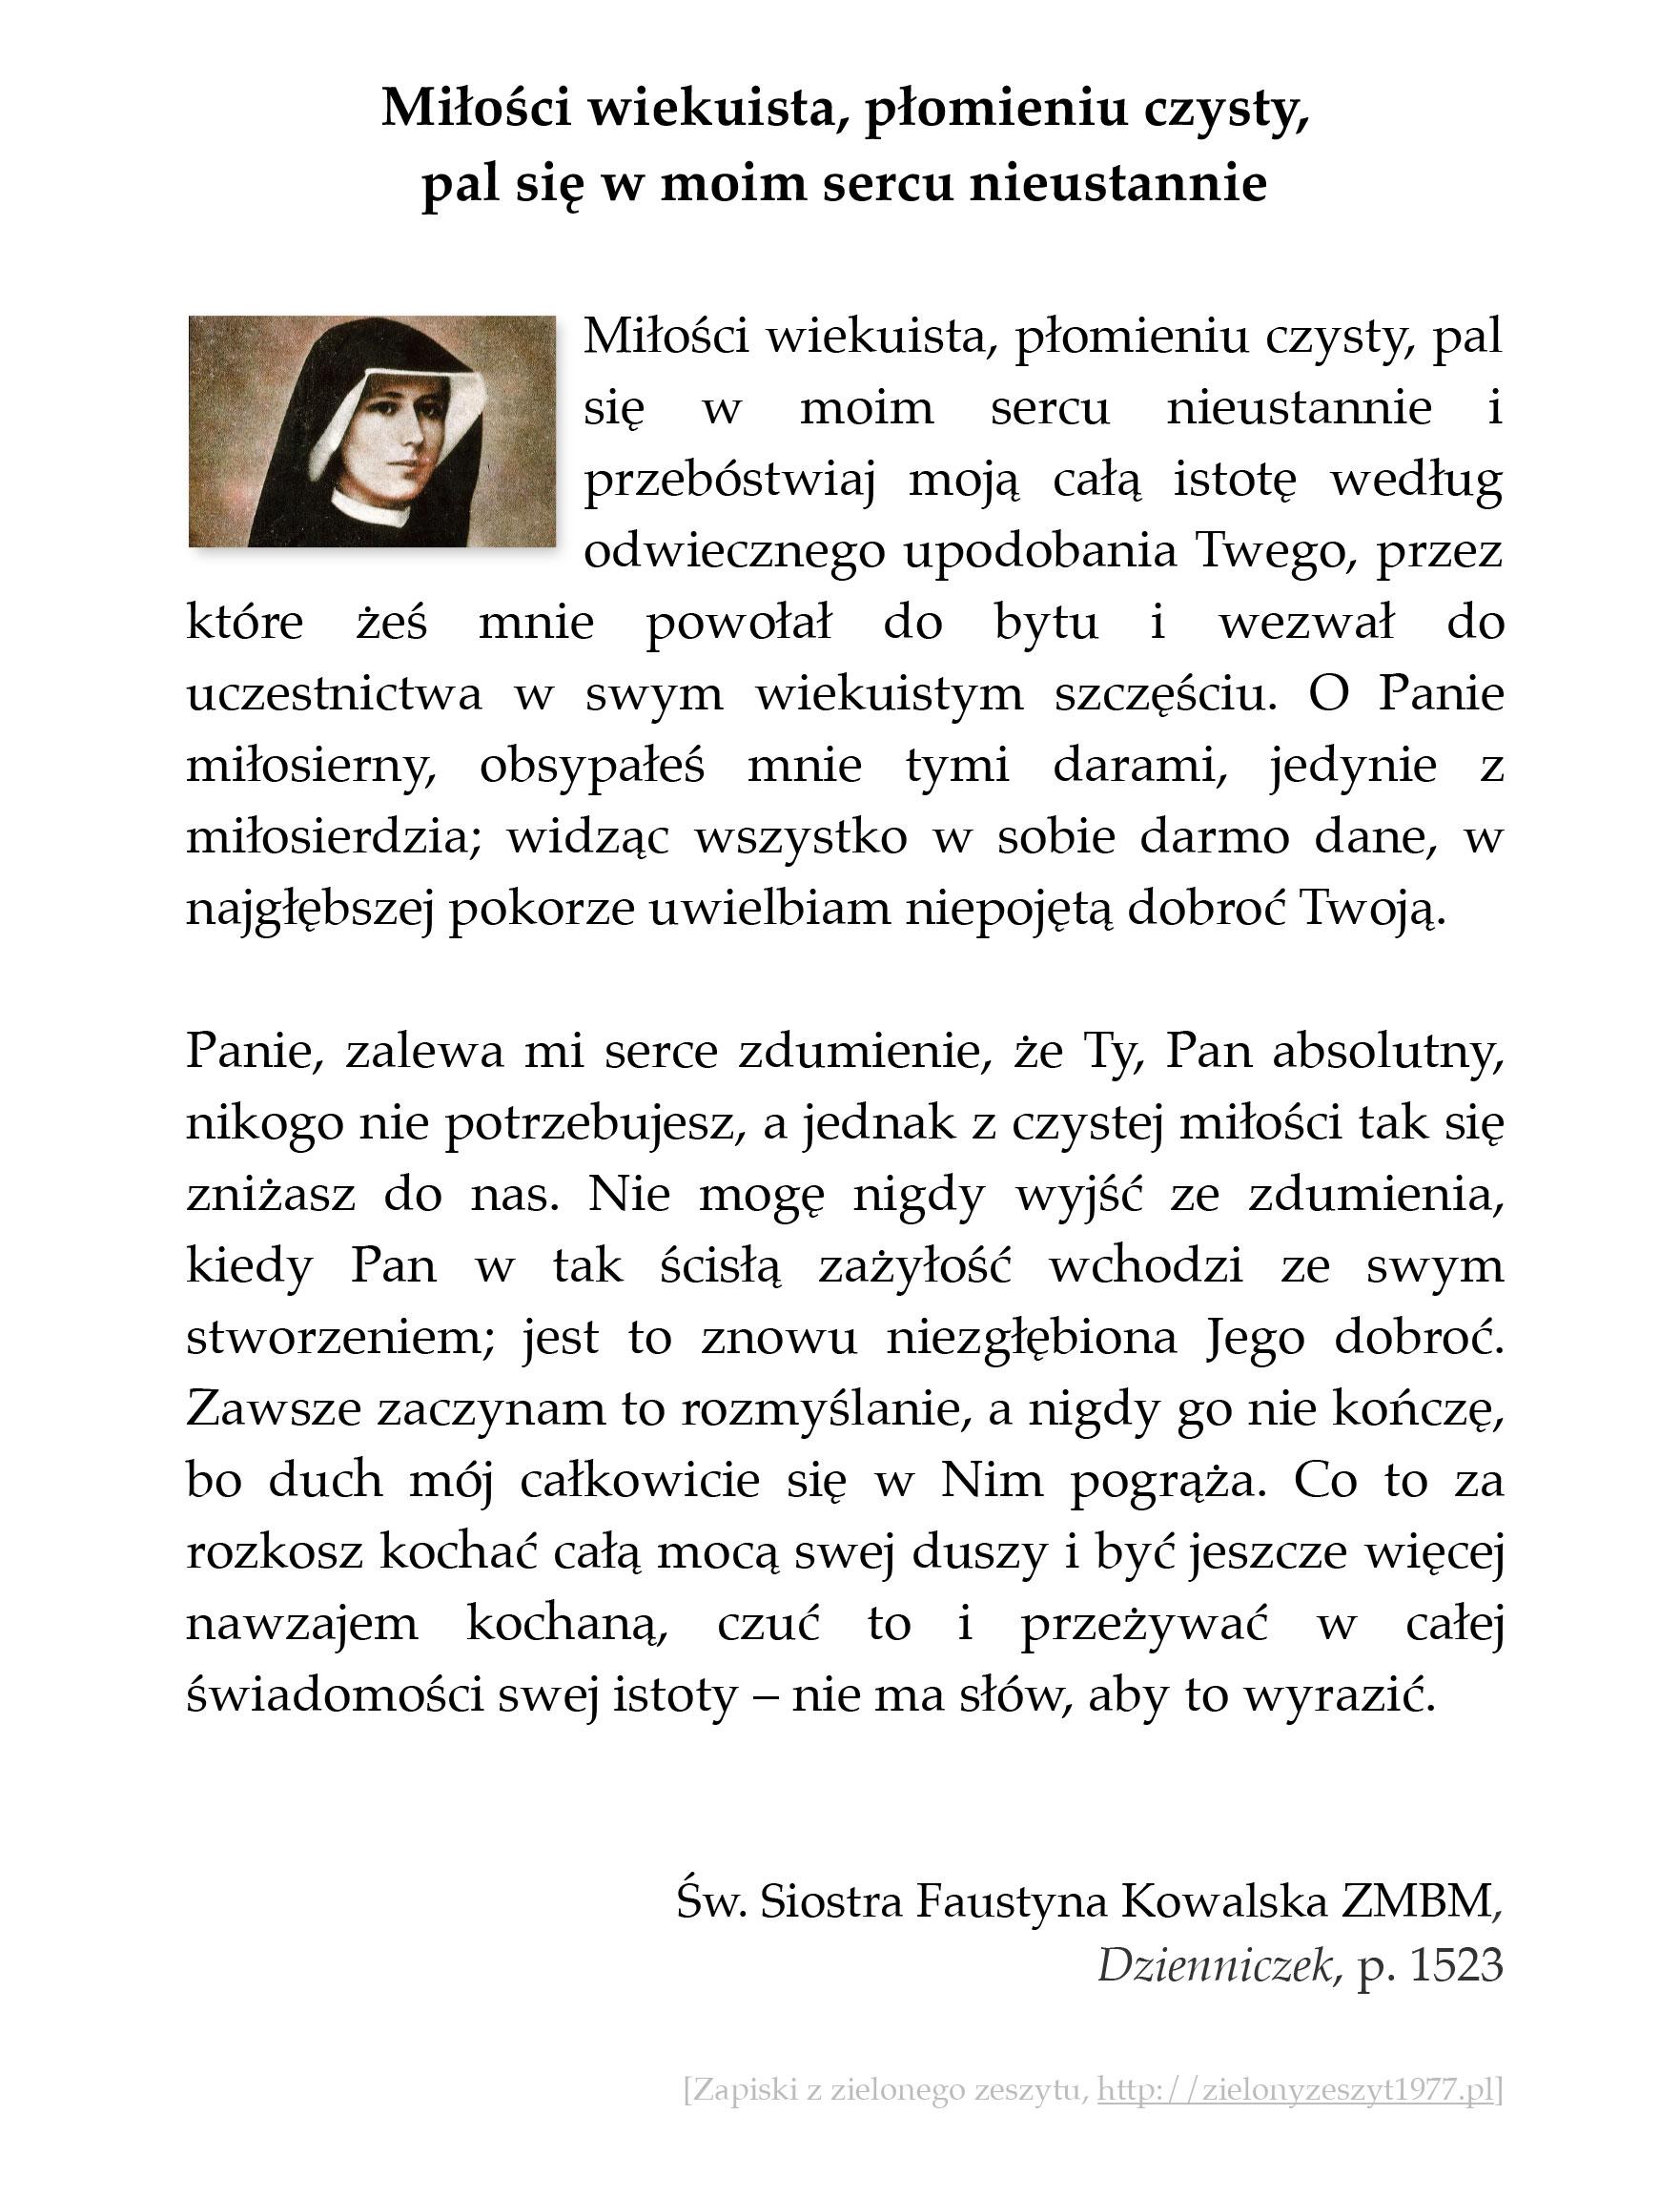 MIłości wiekuista, płomieniu czysty, pal się w moim sercu nieustannie; św. Faustyna Kowalska